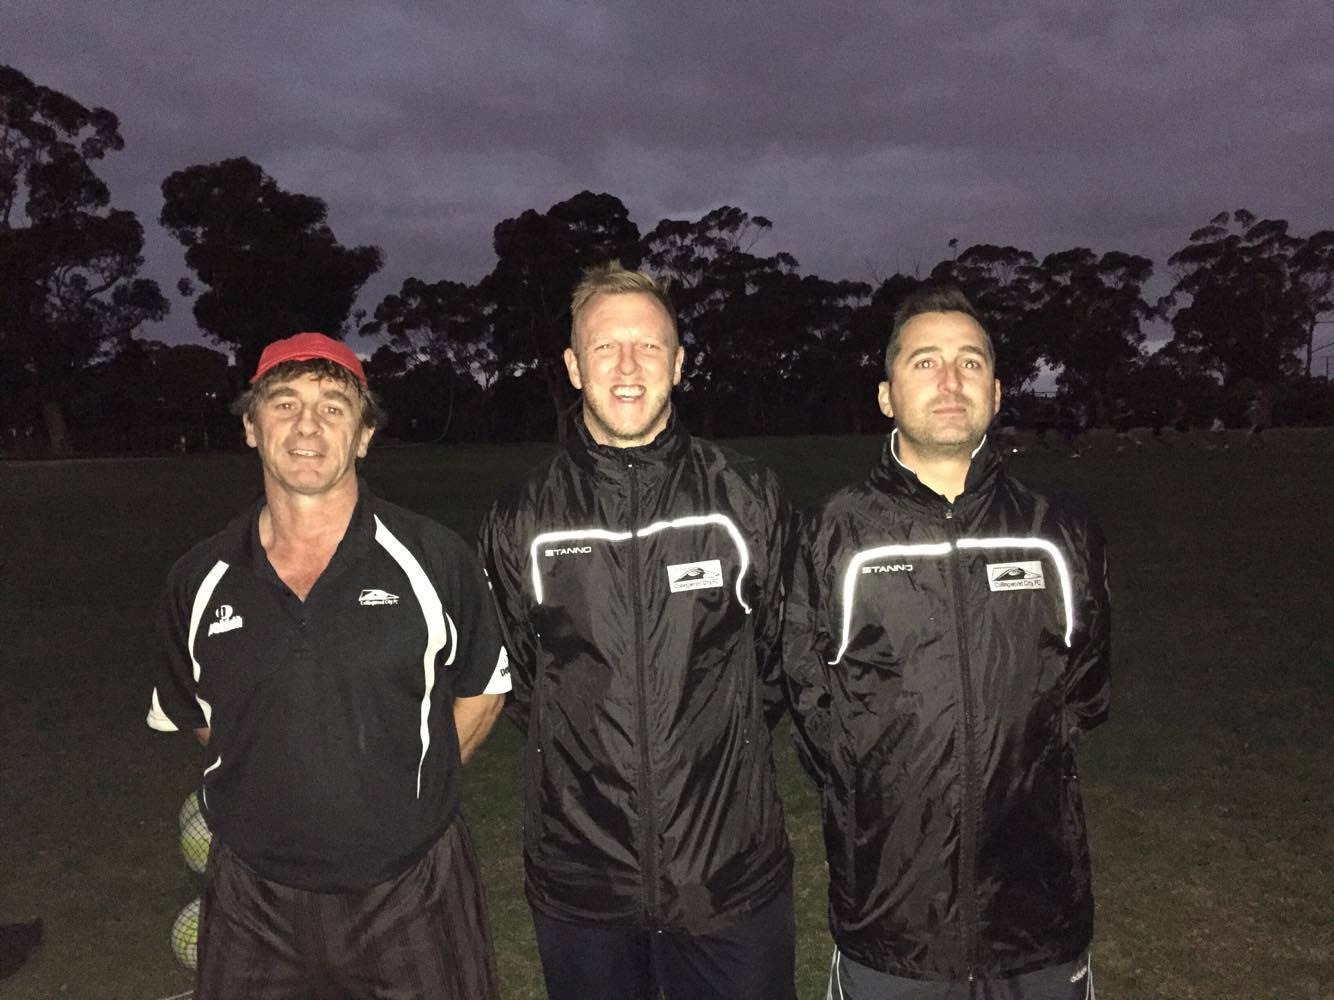 L-R: Goalie Coach Rich Garnett, Senior Team Coach Richard Bates, and Reserve Team Coach Ross Evans